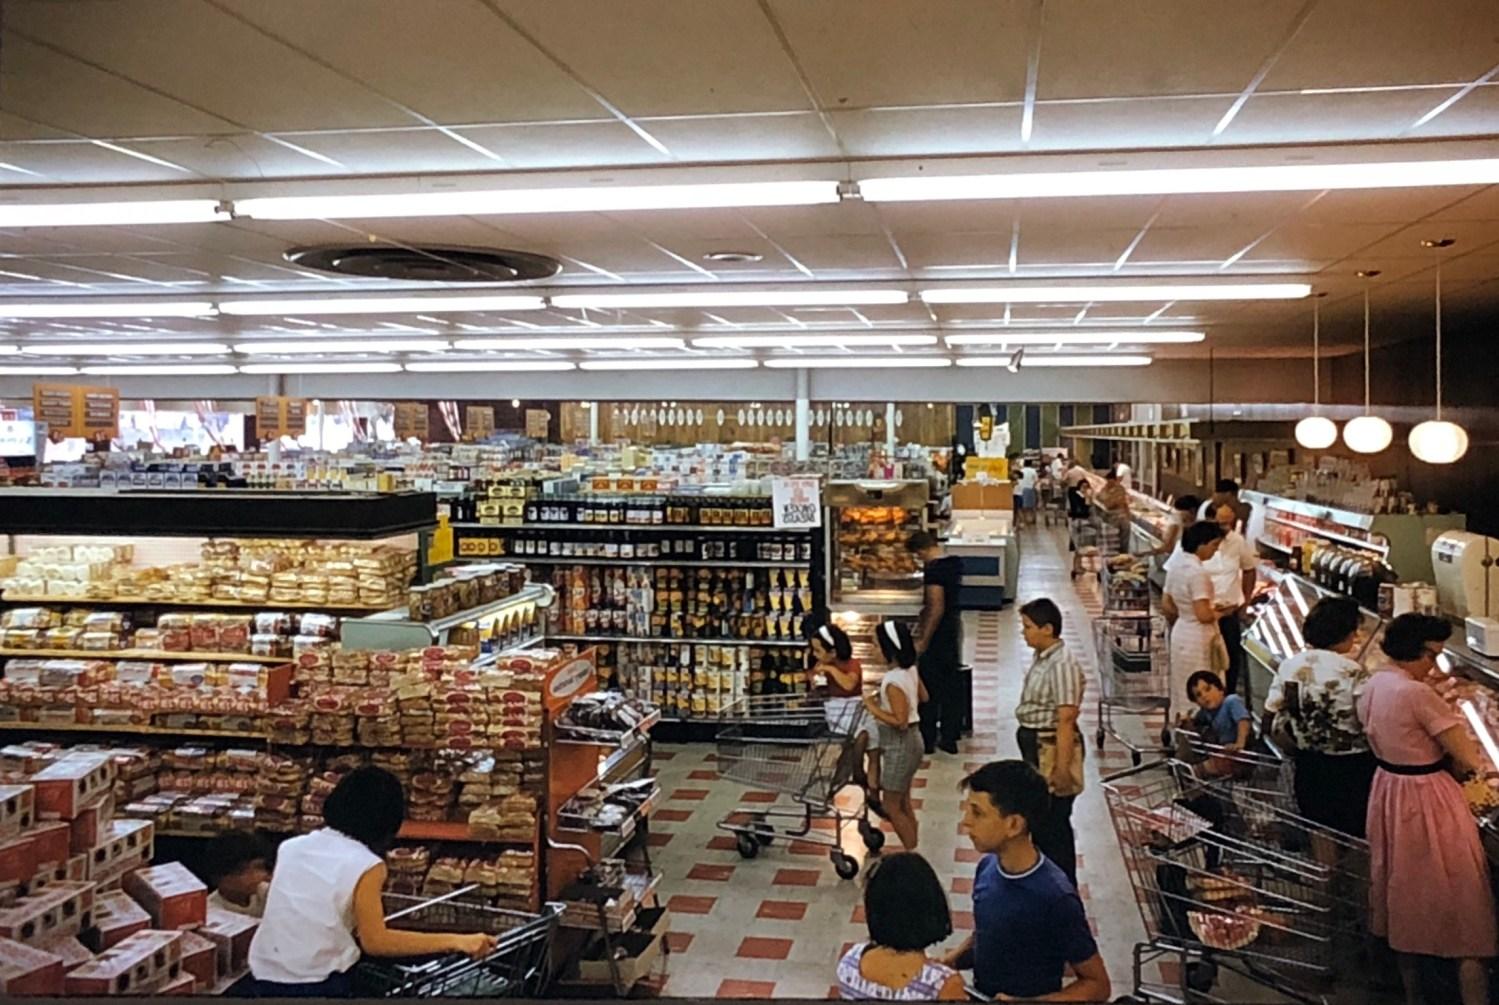 IGA Foodliner aisles Burlington MA 1962